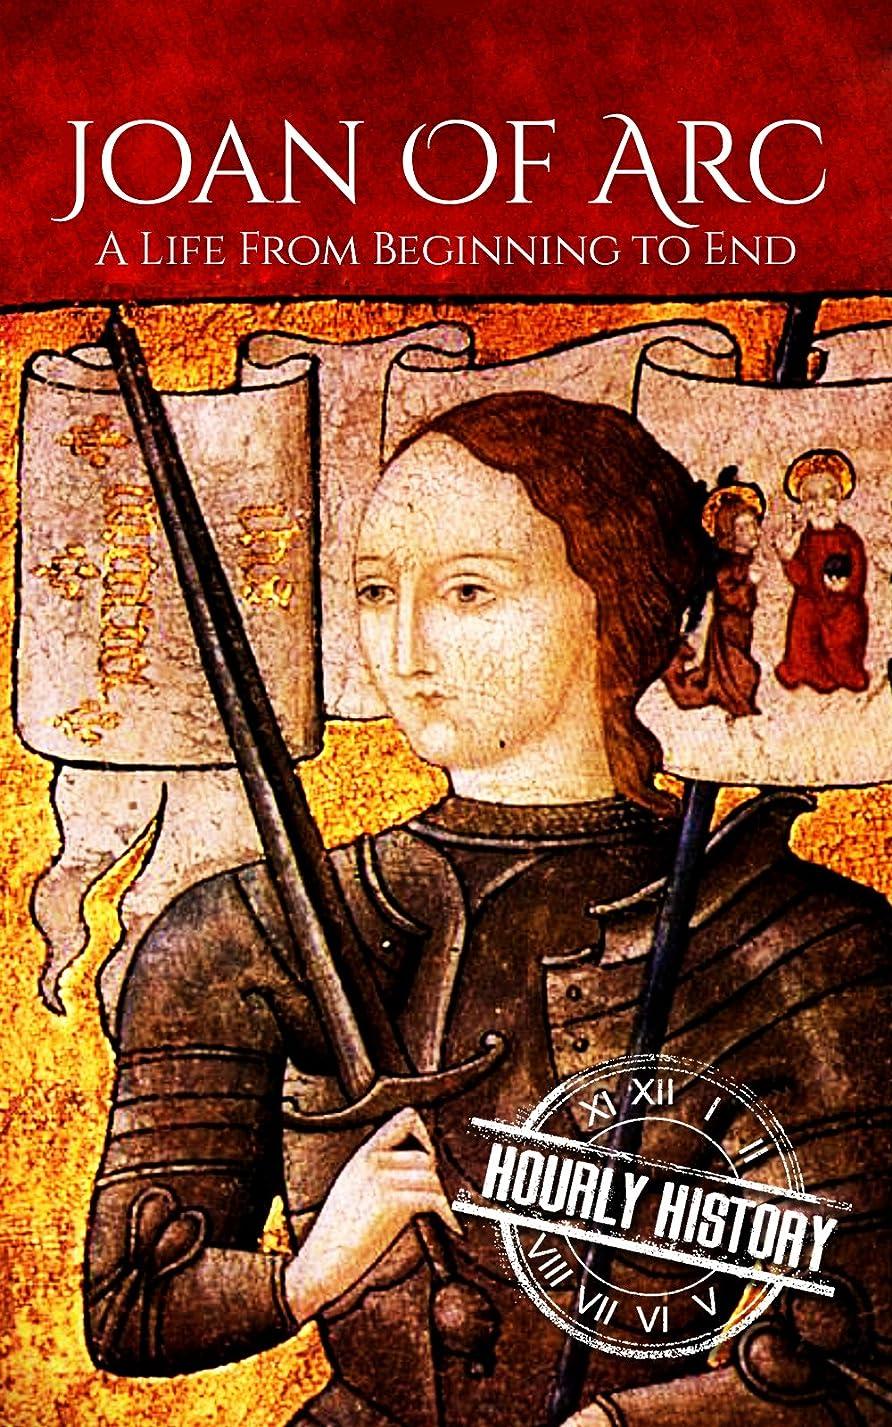 時兵隊成熟したJoan of Arc: A Life From Beginning to End (Biographies of Women in History Book 3) (English Edition)